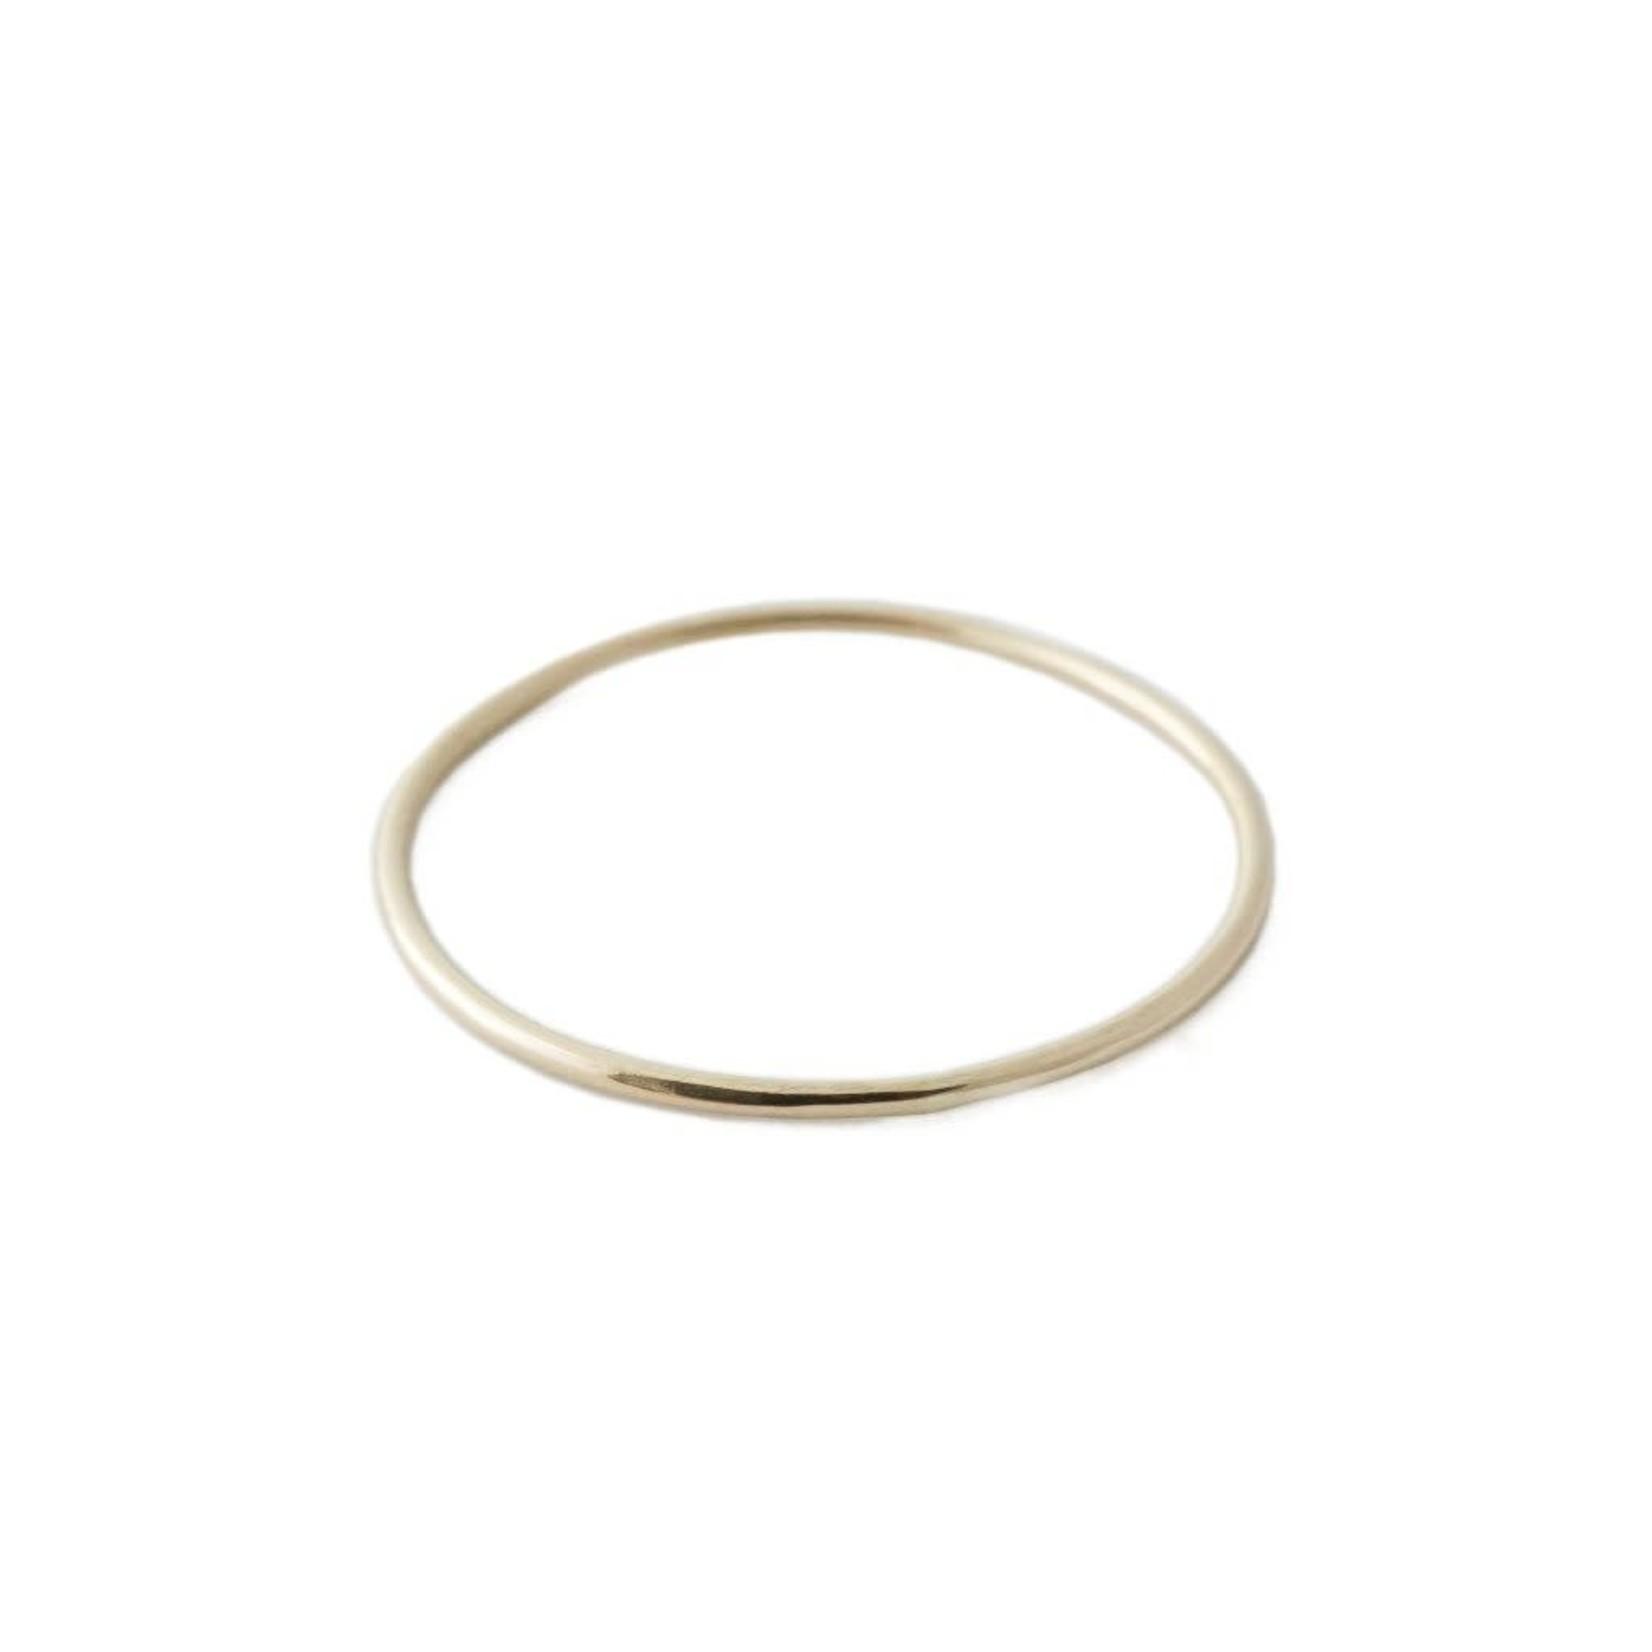 Honeycat Jewelry Honeycat Skinny Stacking Rings 14K Gold